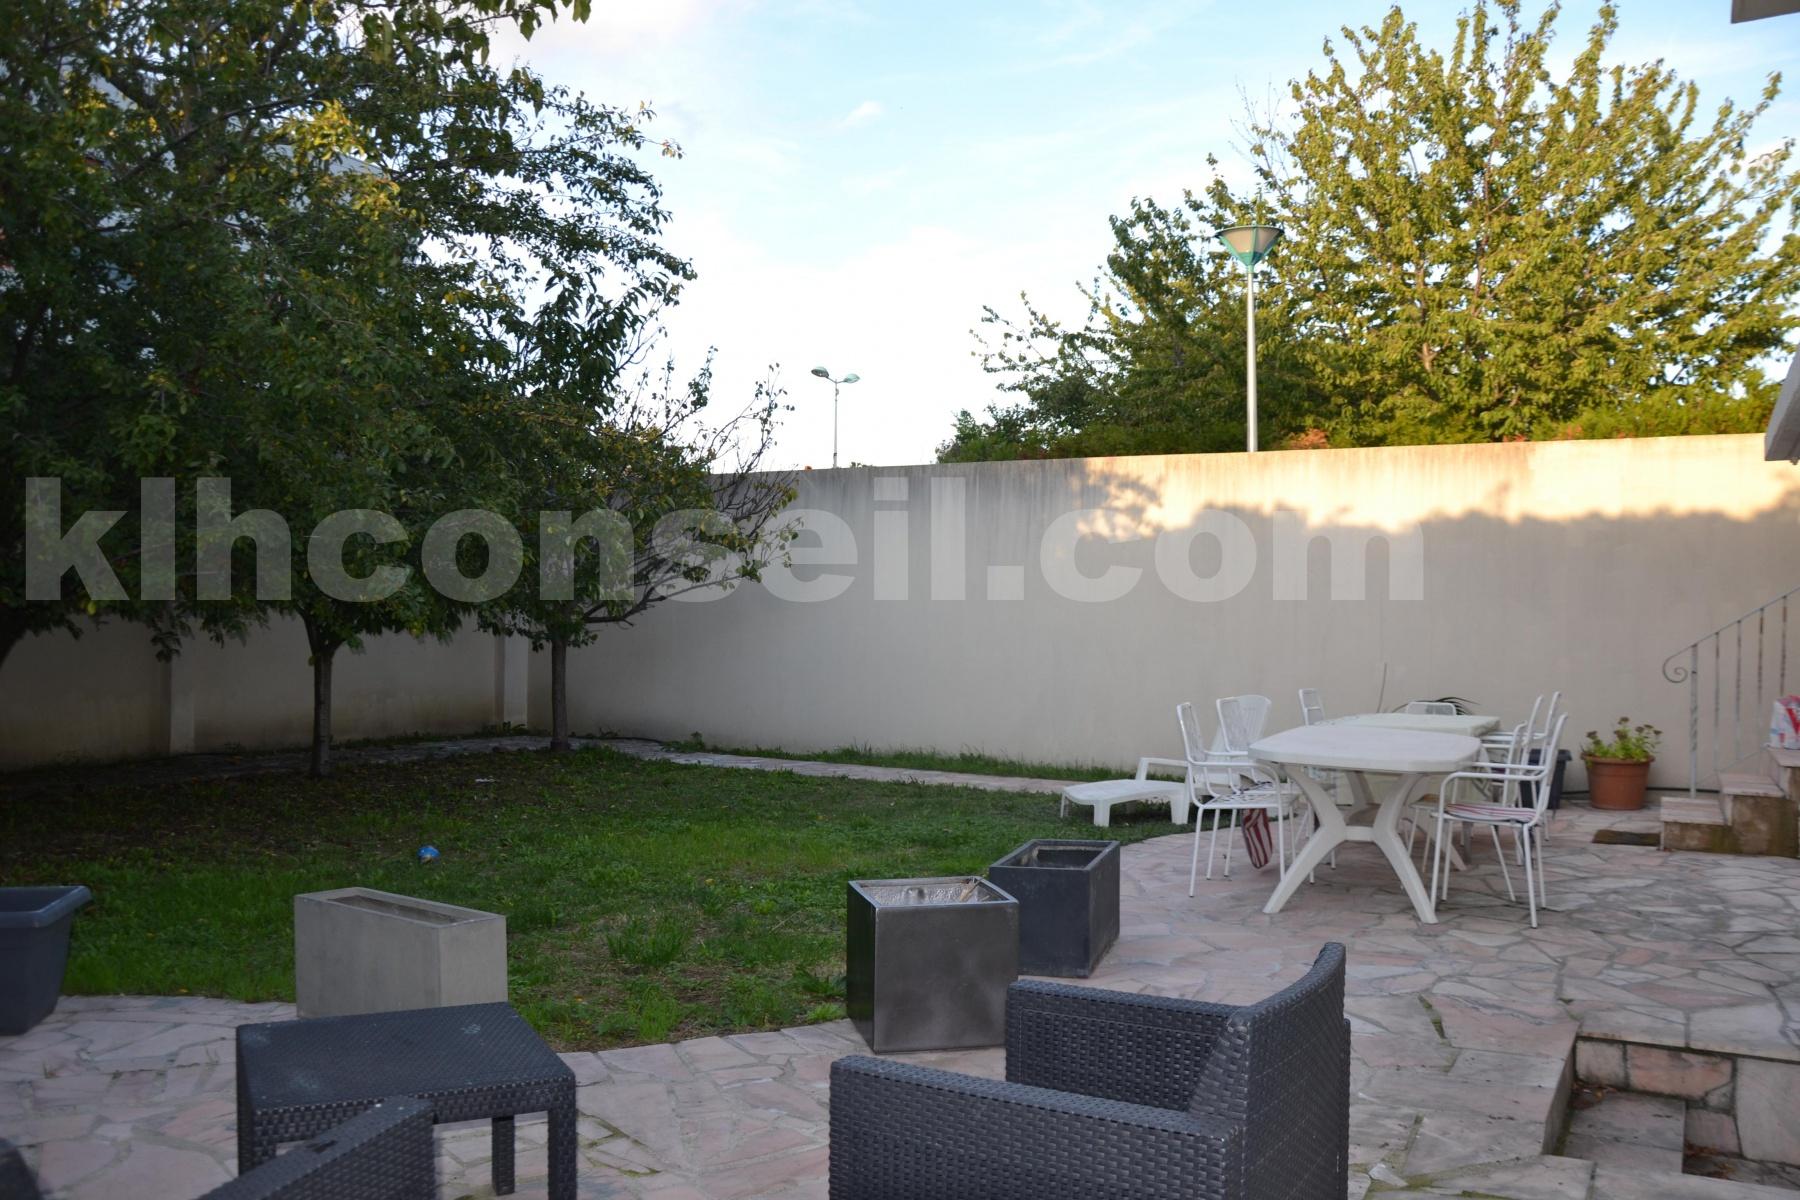 Vente Maison Ancienne Colombes (92700) 7 Pièce(S) 150 M2 encequiconcerne Serre De Jardin Ancienne A Vendre